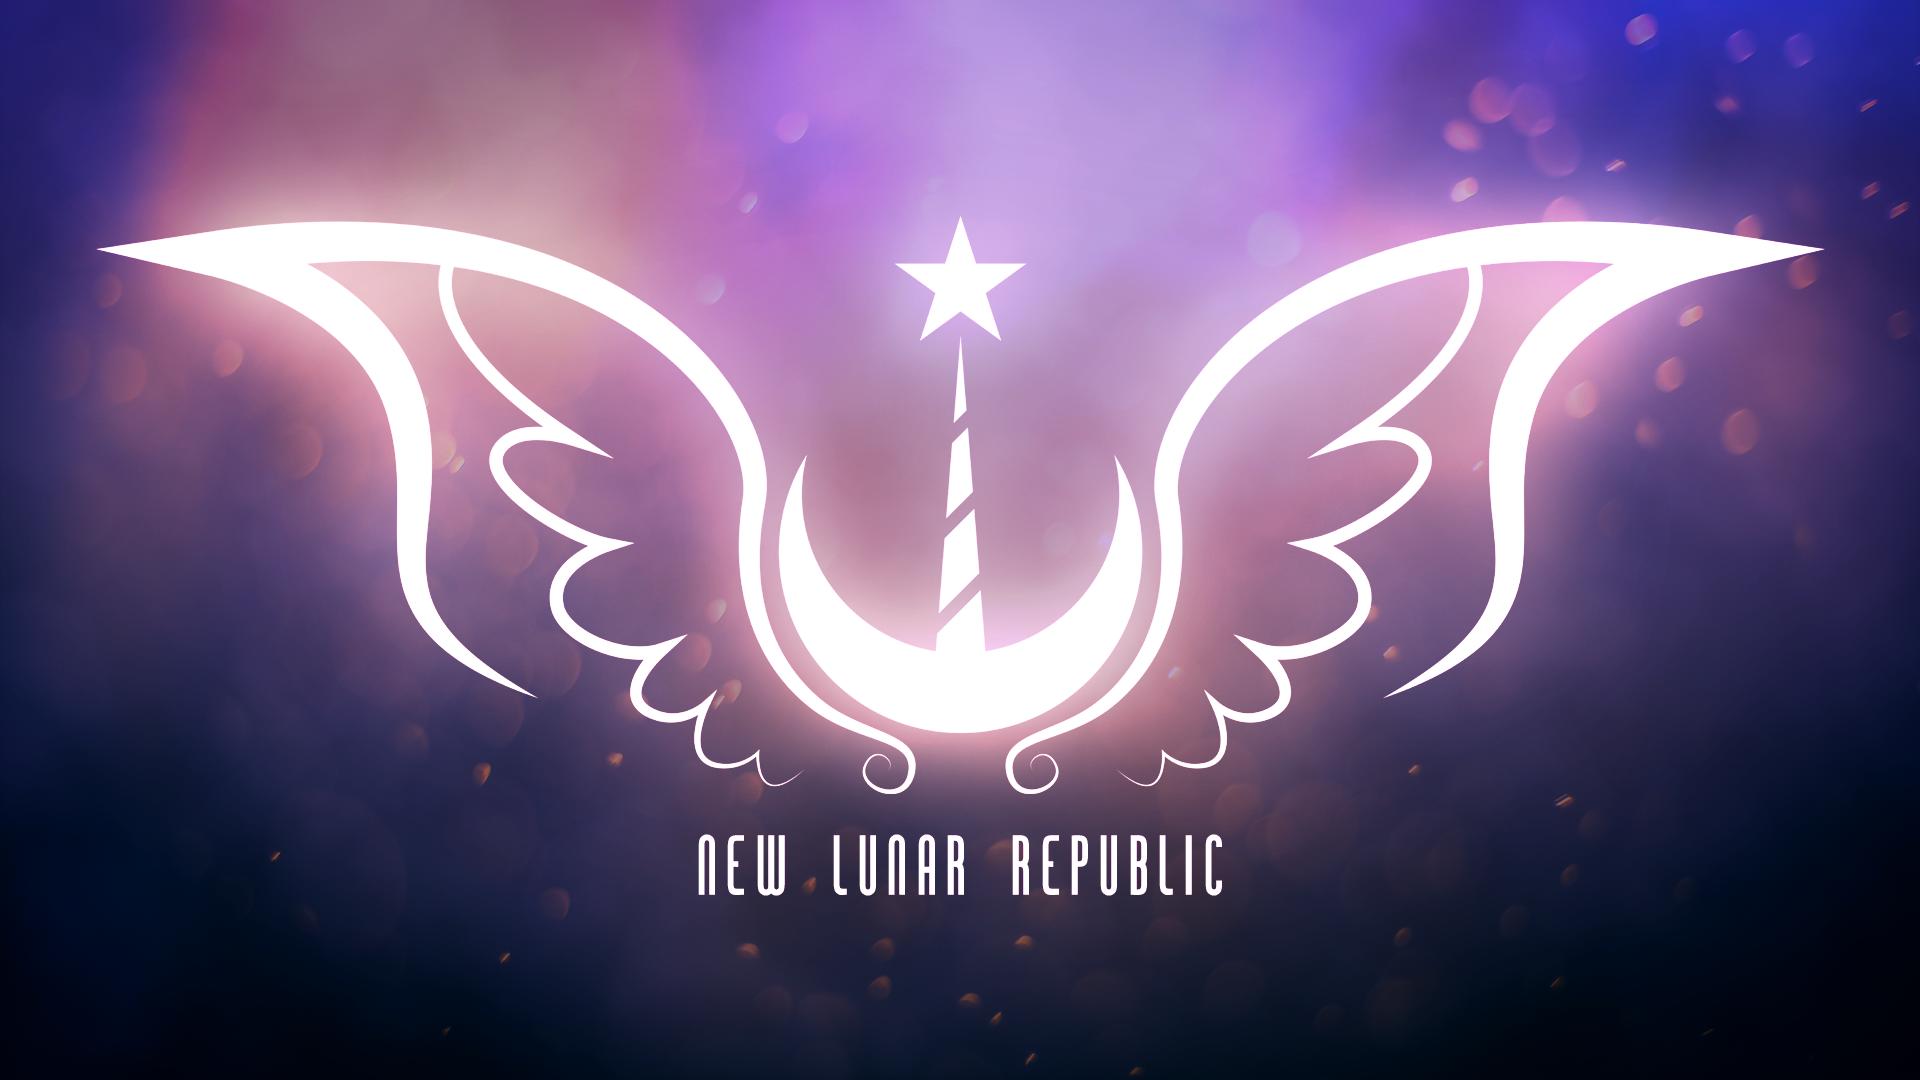 New Lunar Republic Wallpaper [1920x1080]